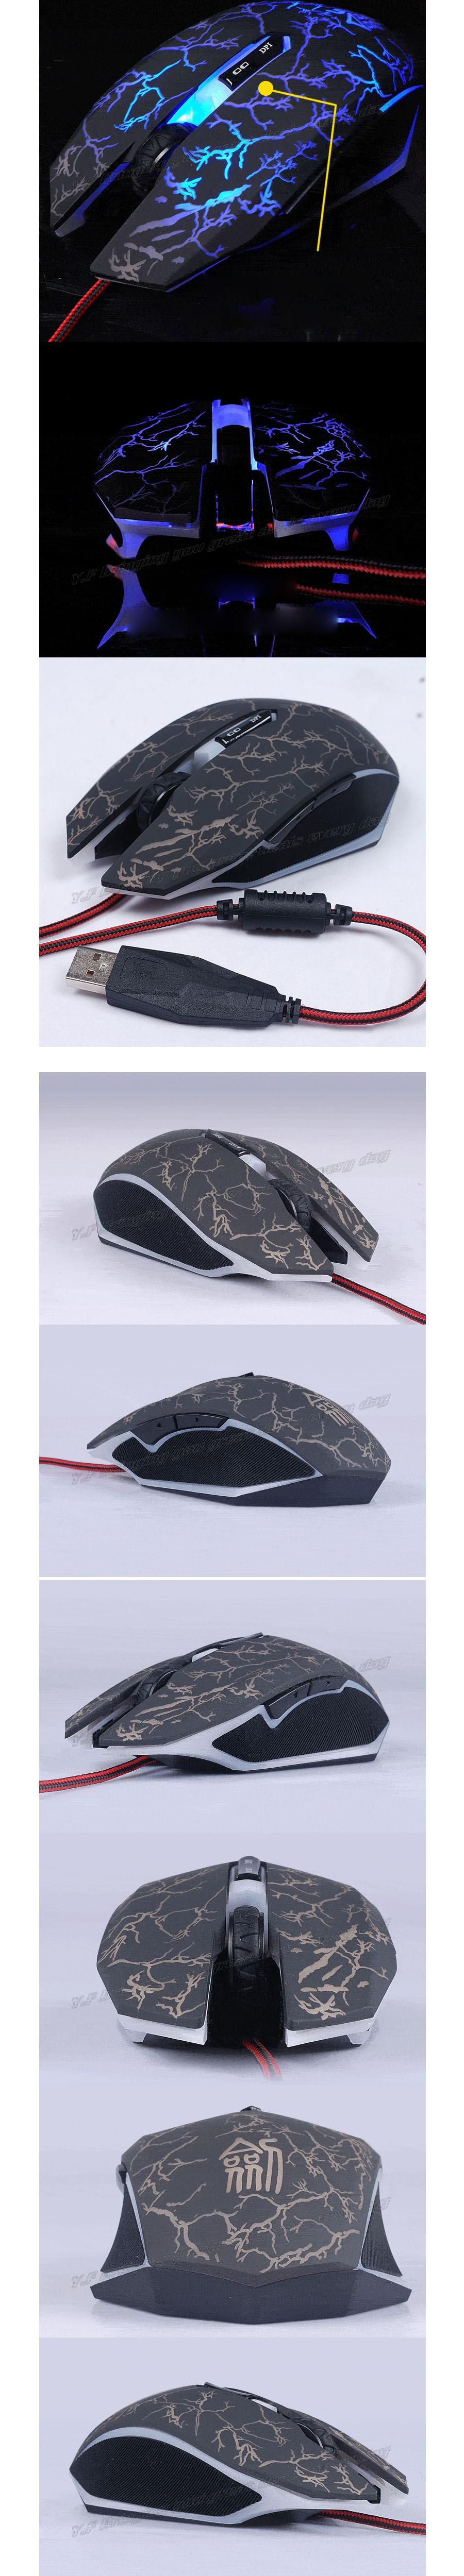 Компьютерная мышка OEM 2400 DPI 3D /13 tortoise gaming mouse